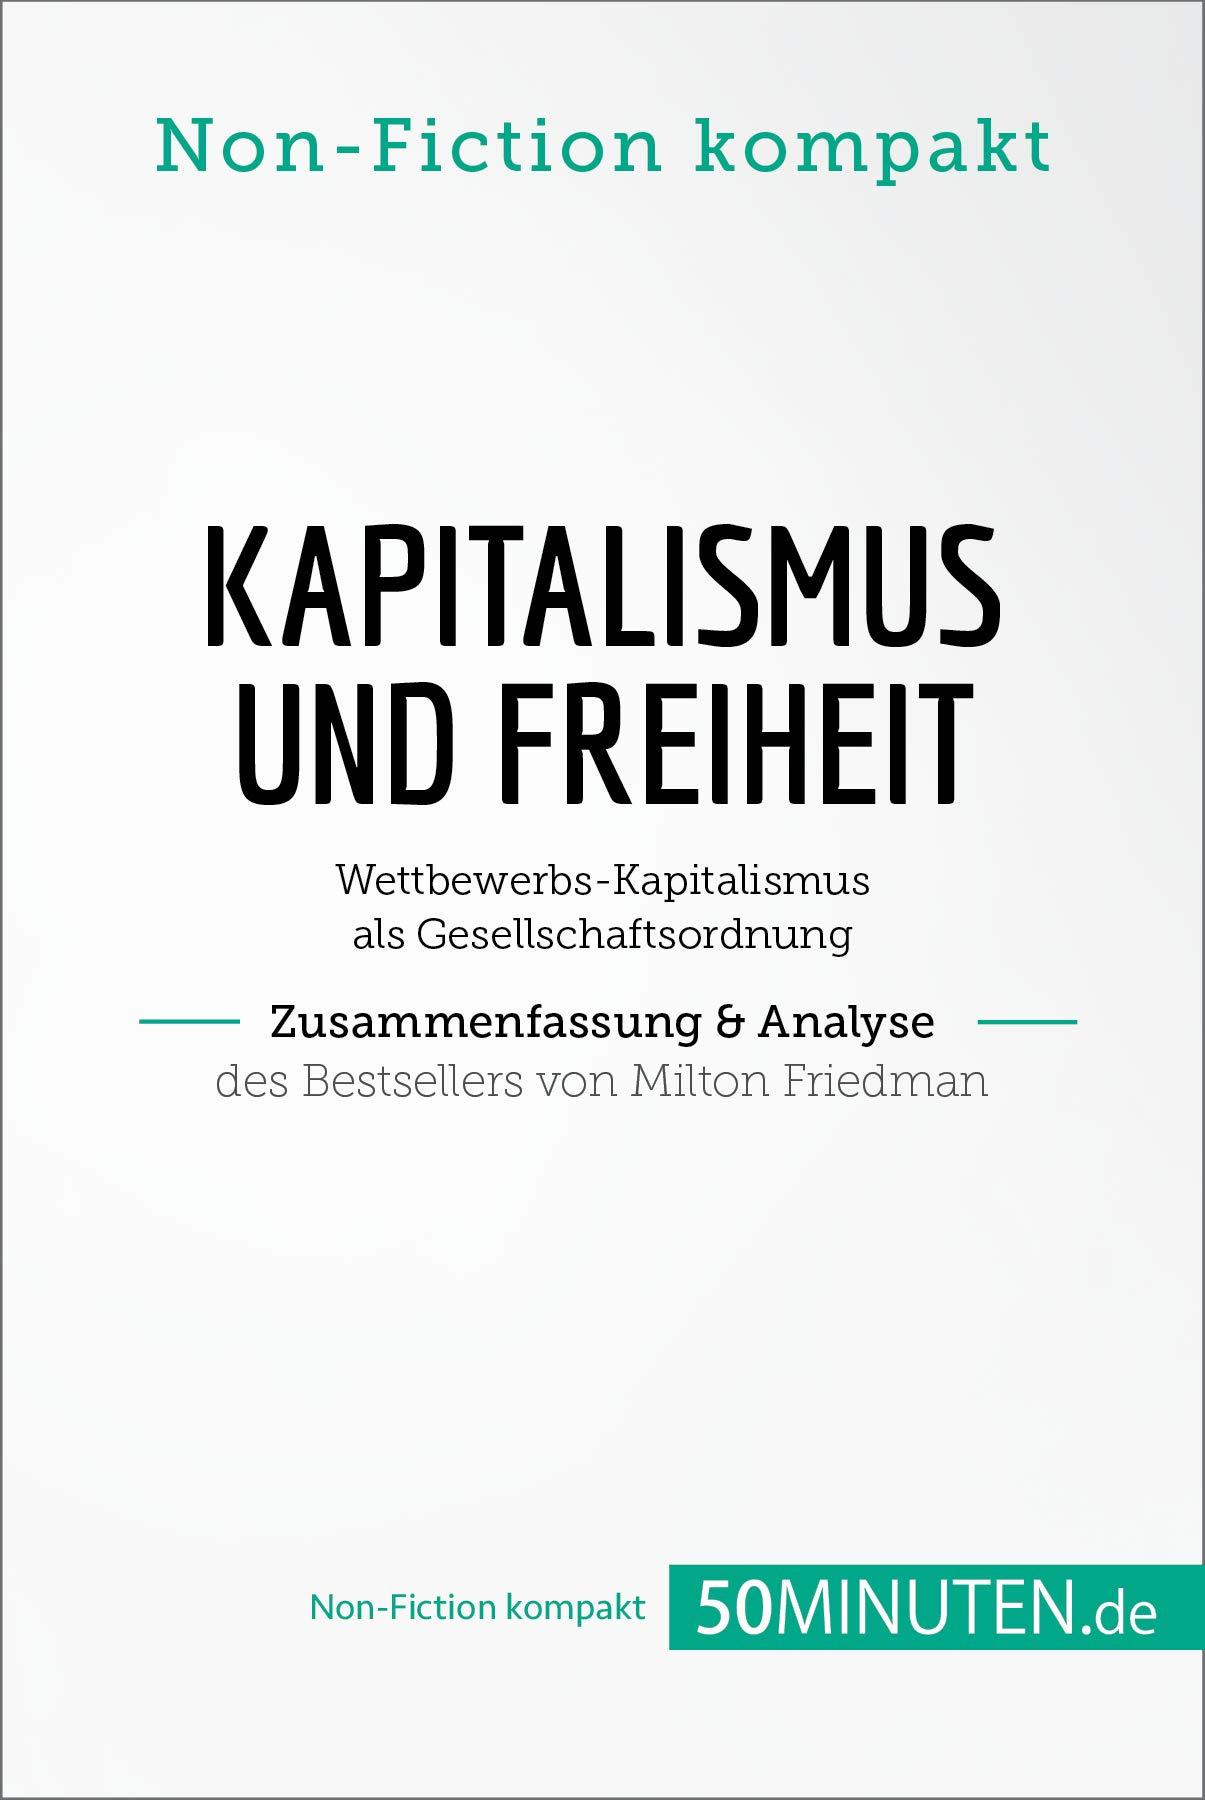 Kapitalismus und Freiheit. Zusammenfassung & Analyse des Bestsellers von Milton Friedman: Wettbewerbs-Kapitalismus als Gesellschaftsordnung (Non-Fiction kompakt)